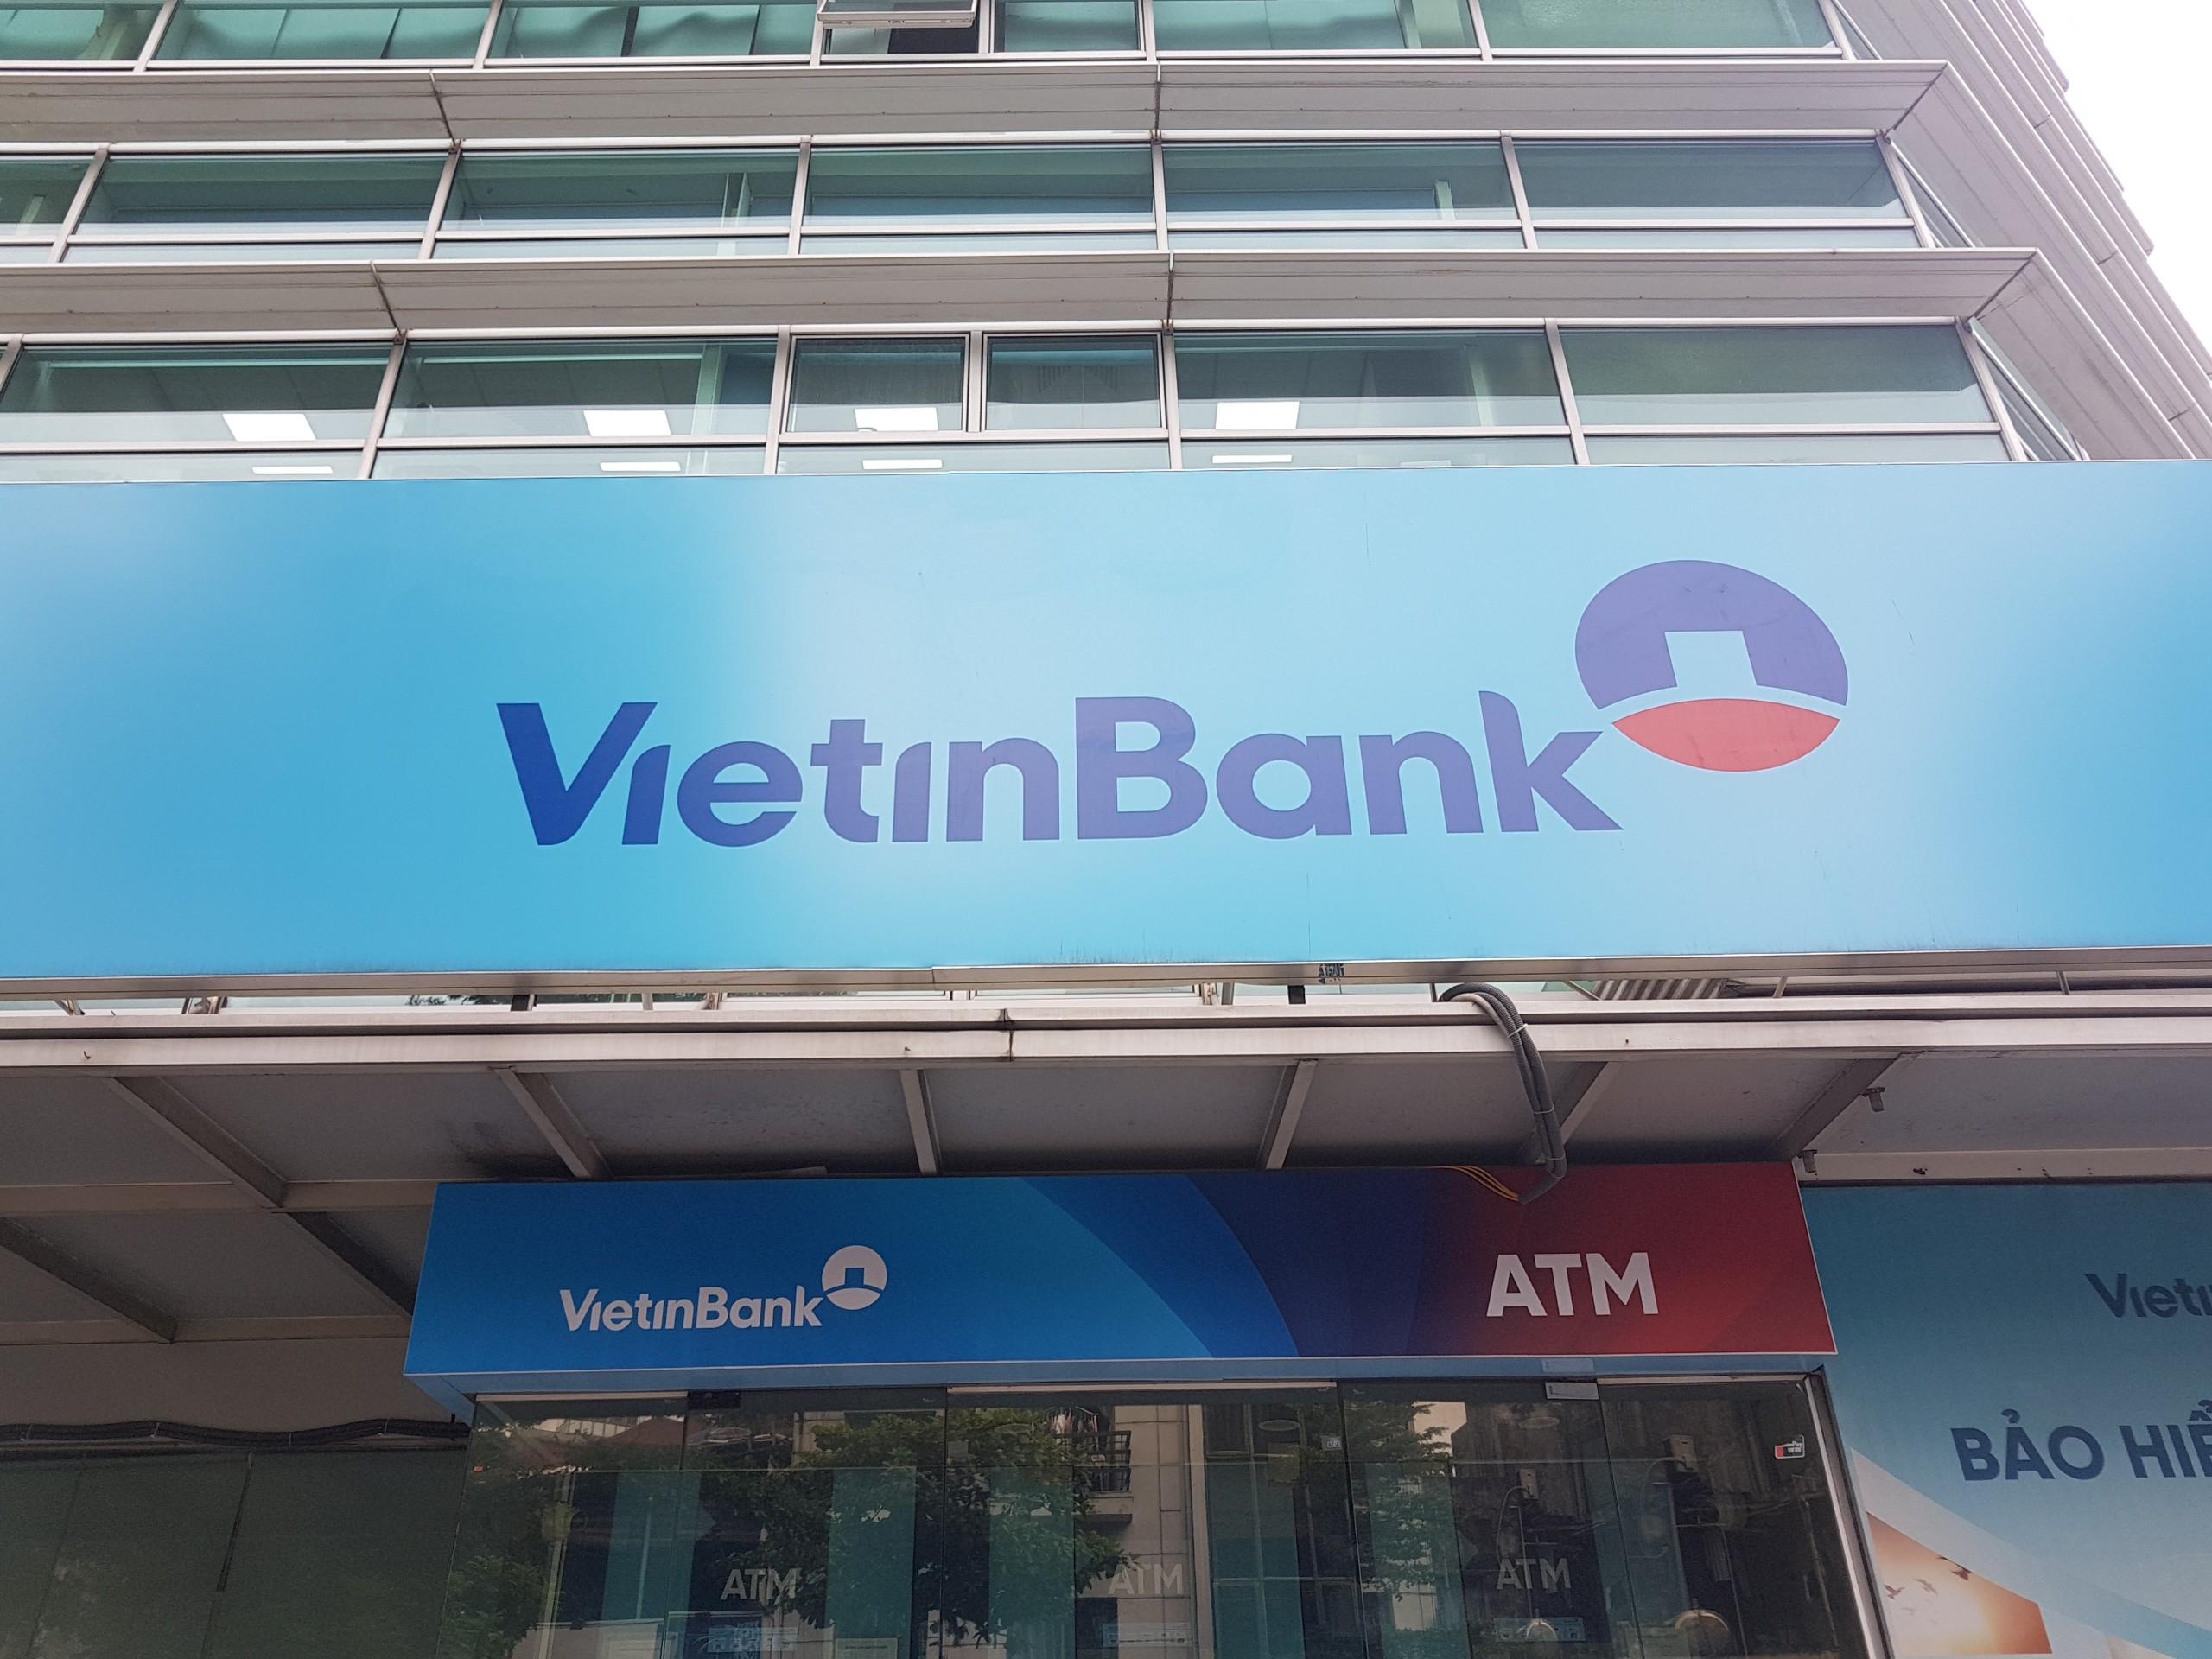 VietinBank lãi trước thuế vượt 10.000 tỉ đồng, nợ xấu tăng 67% sau 9 tháng - Ảnh 1.